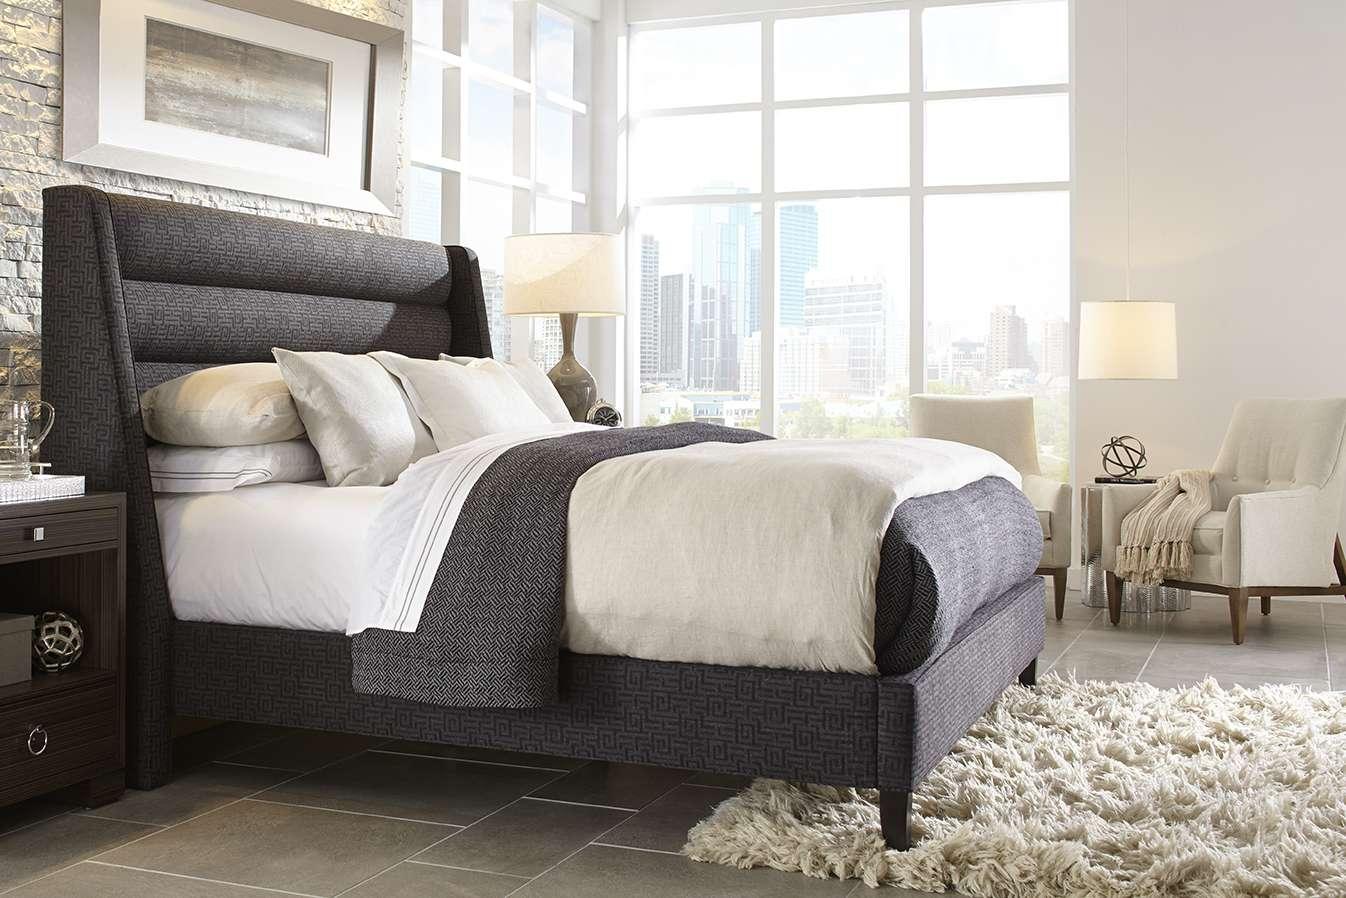 Rowe Fine Furniture / Robin Bruce